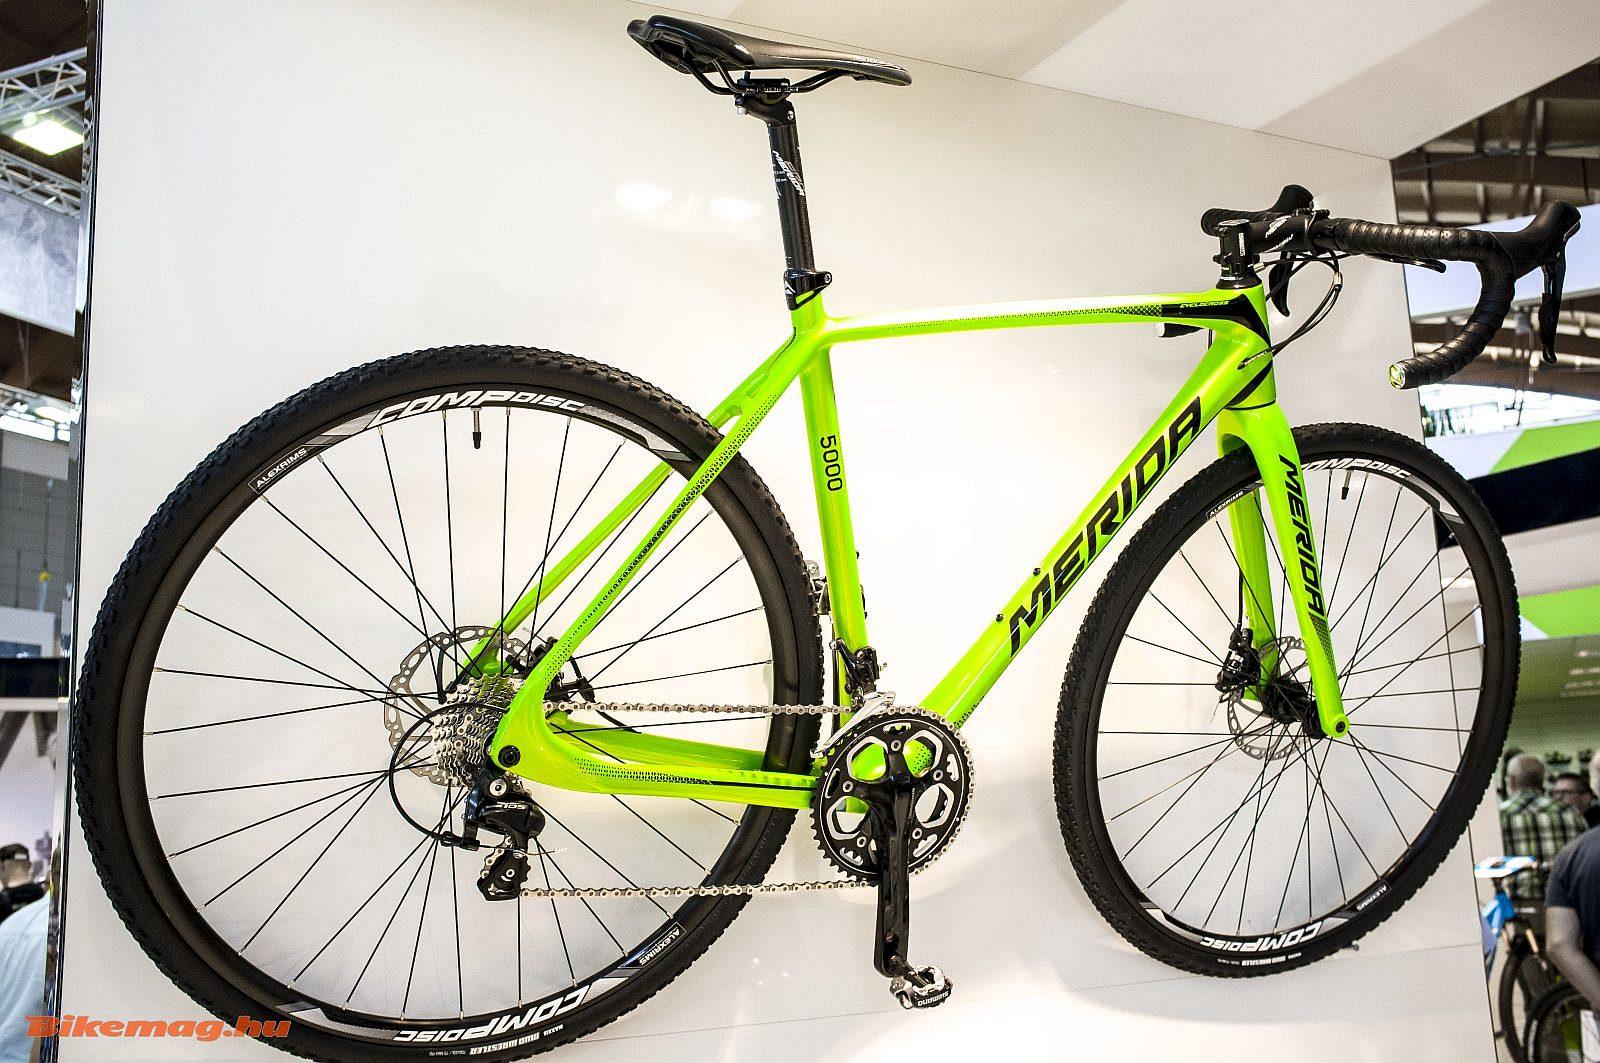 A legszebb a zöld CX5000